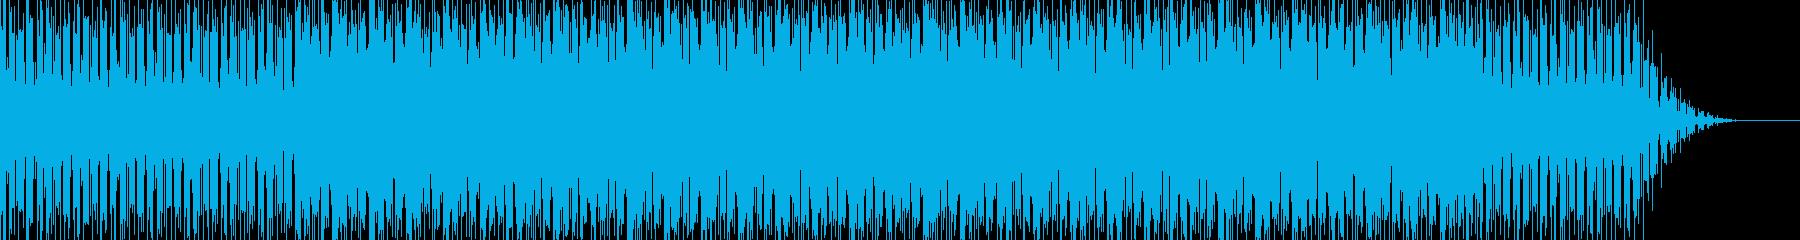 ファッションシーンで使えるハウスBGMの再生済みの波形